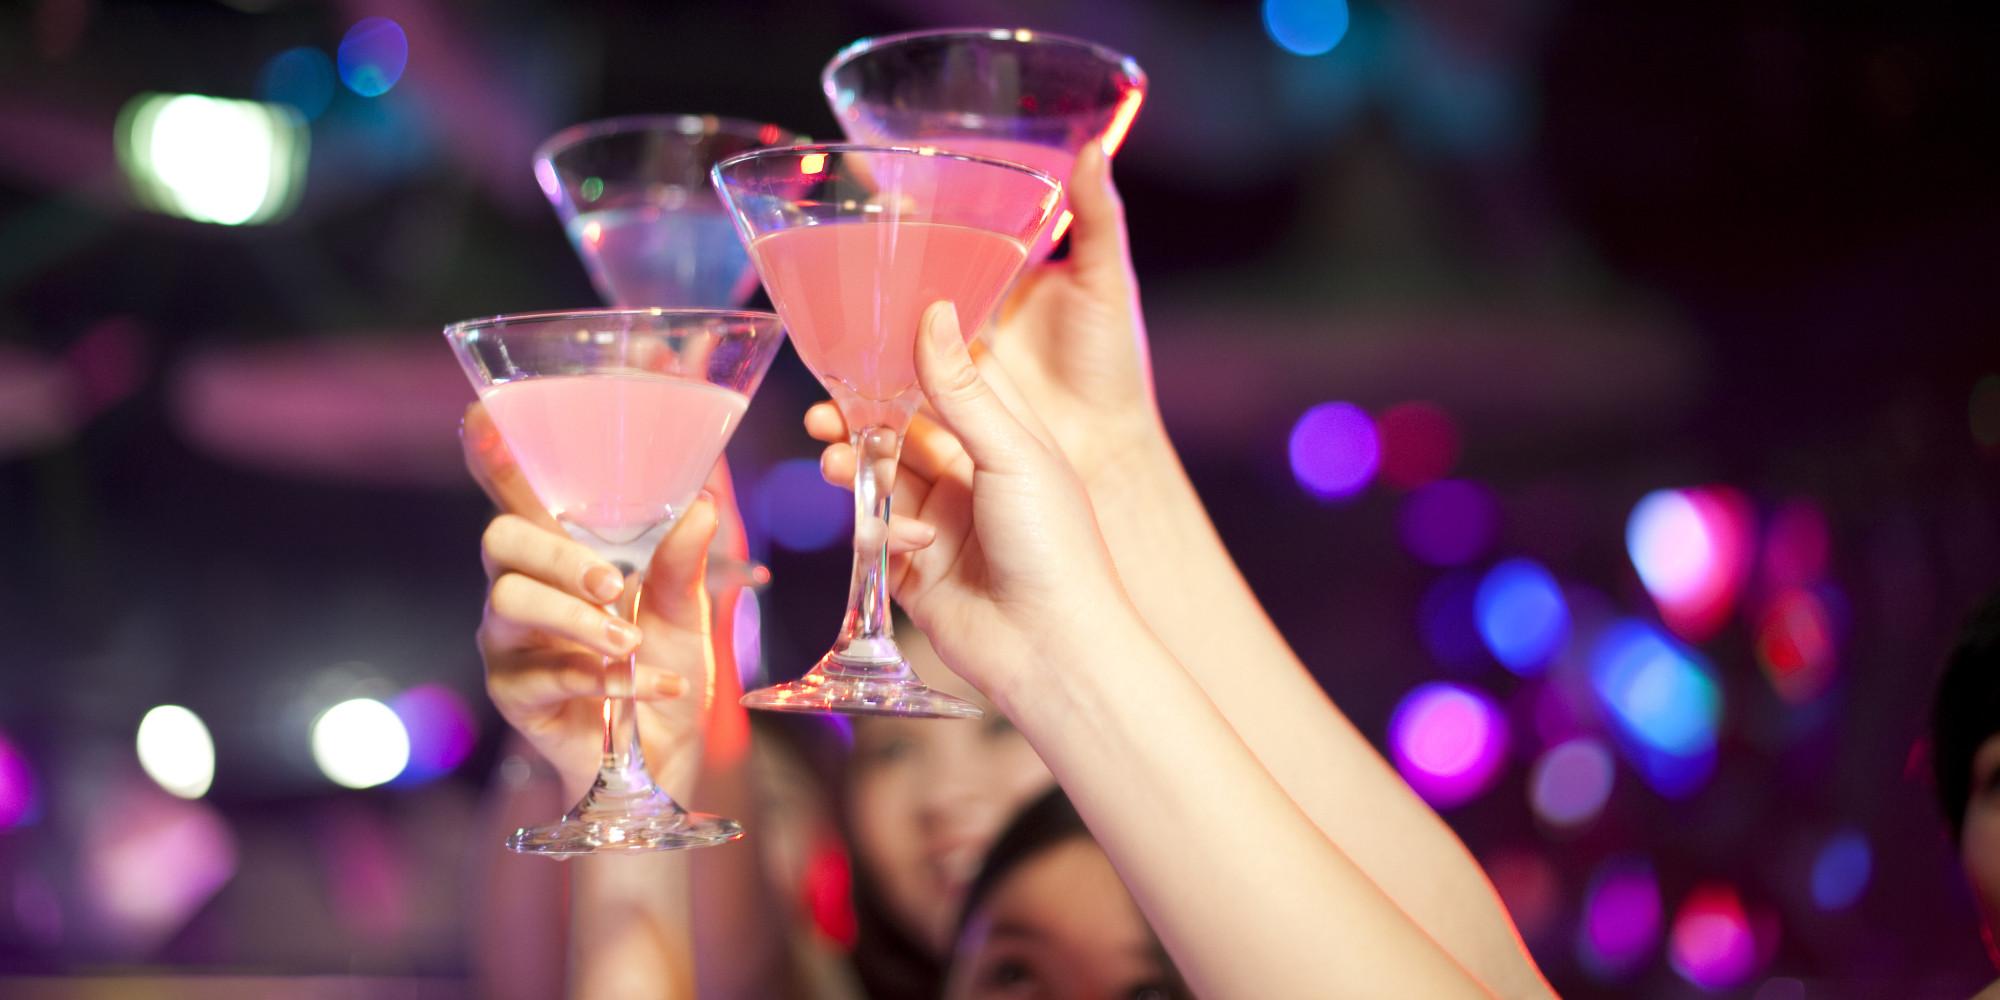 знакомства в ночном клубе, баре Новосибирска